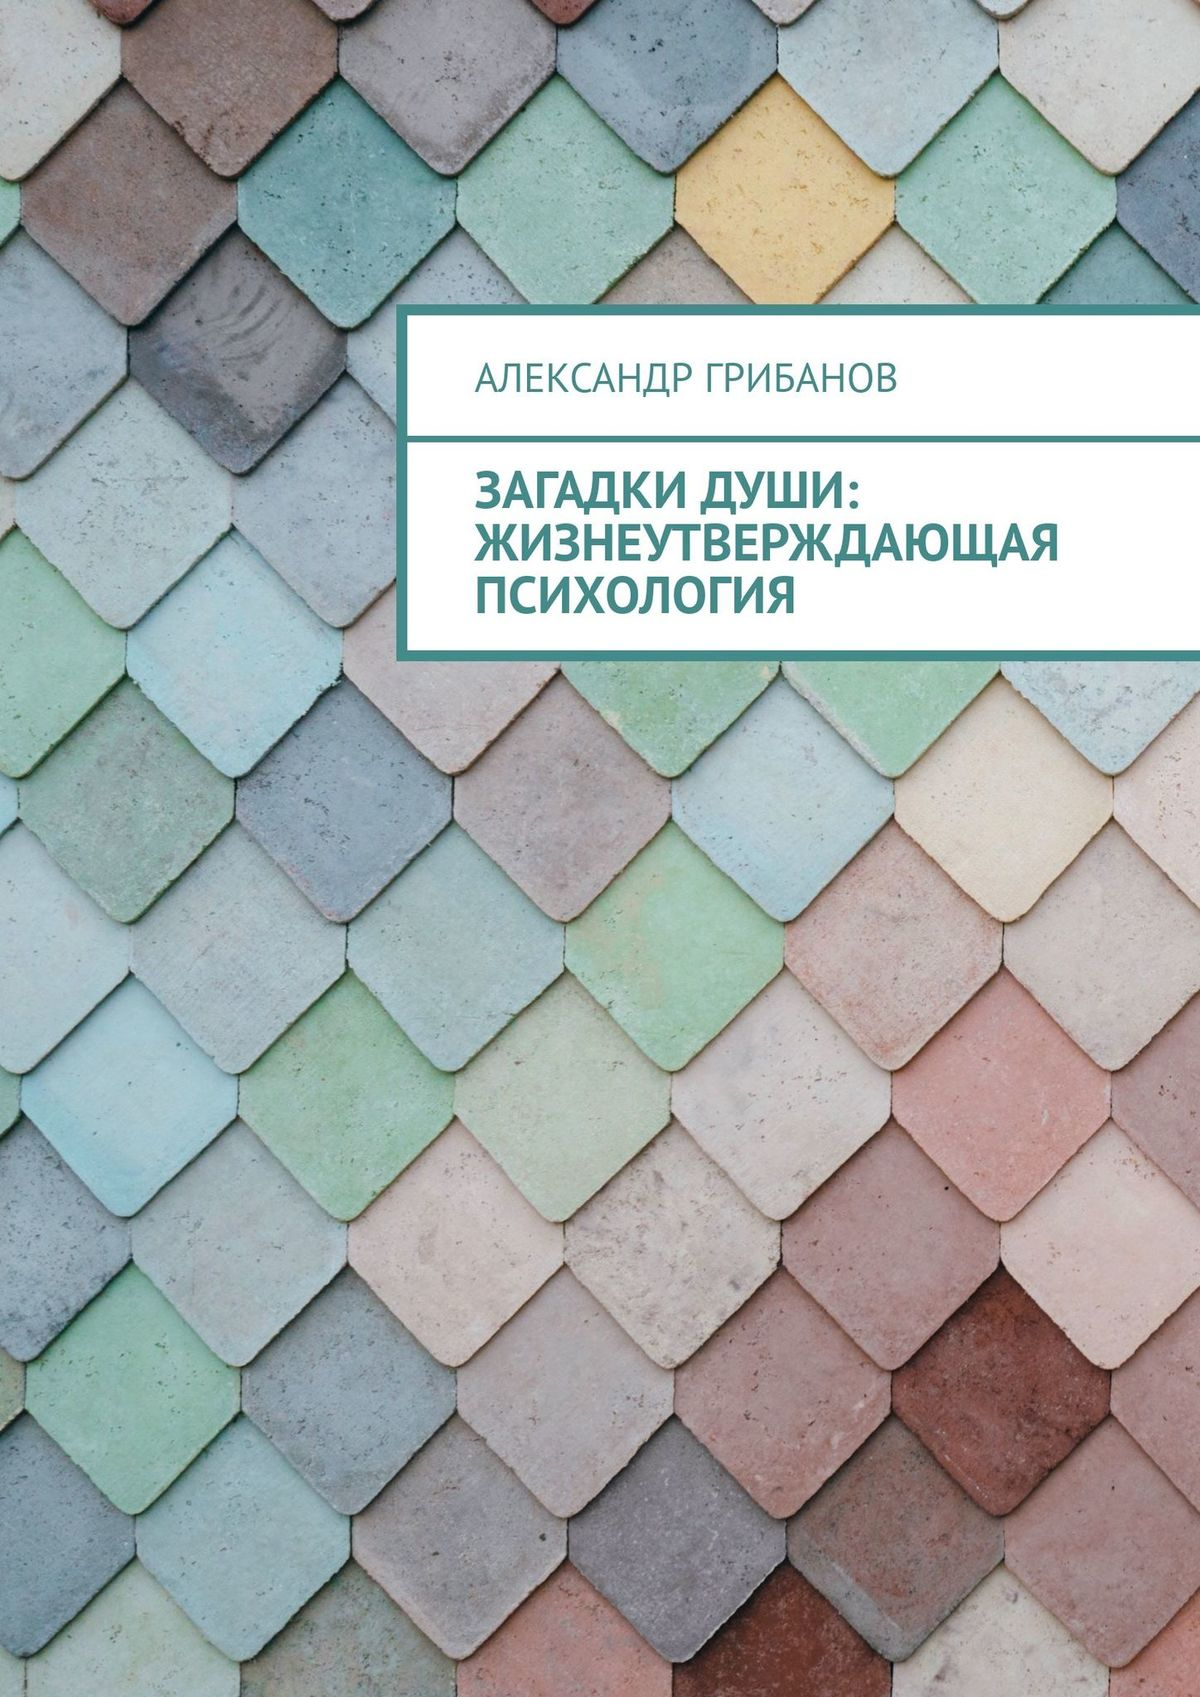 Александр Грибанов Загадкидуши. Жизнеутверждающая психология